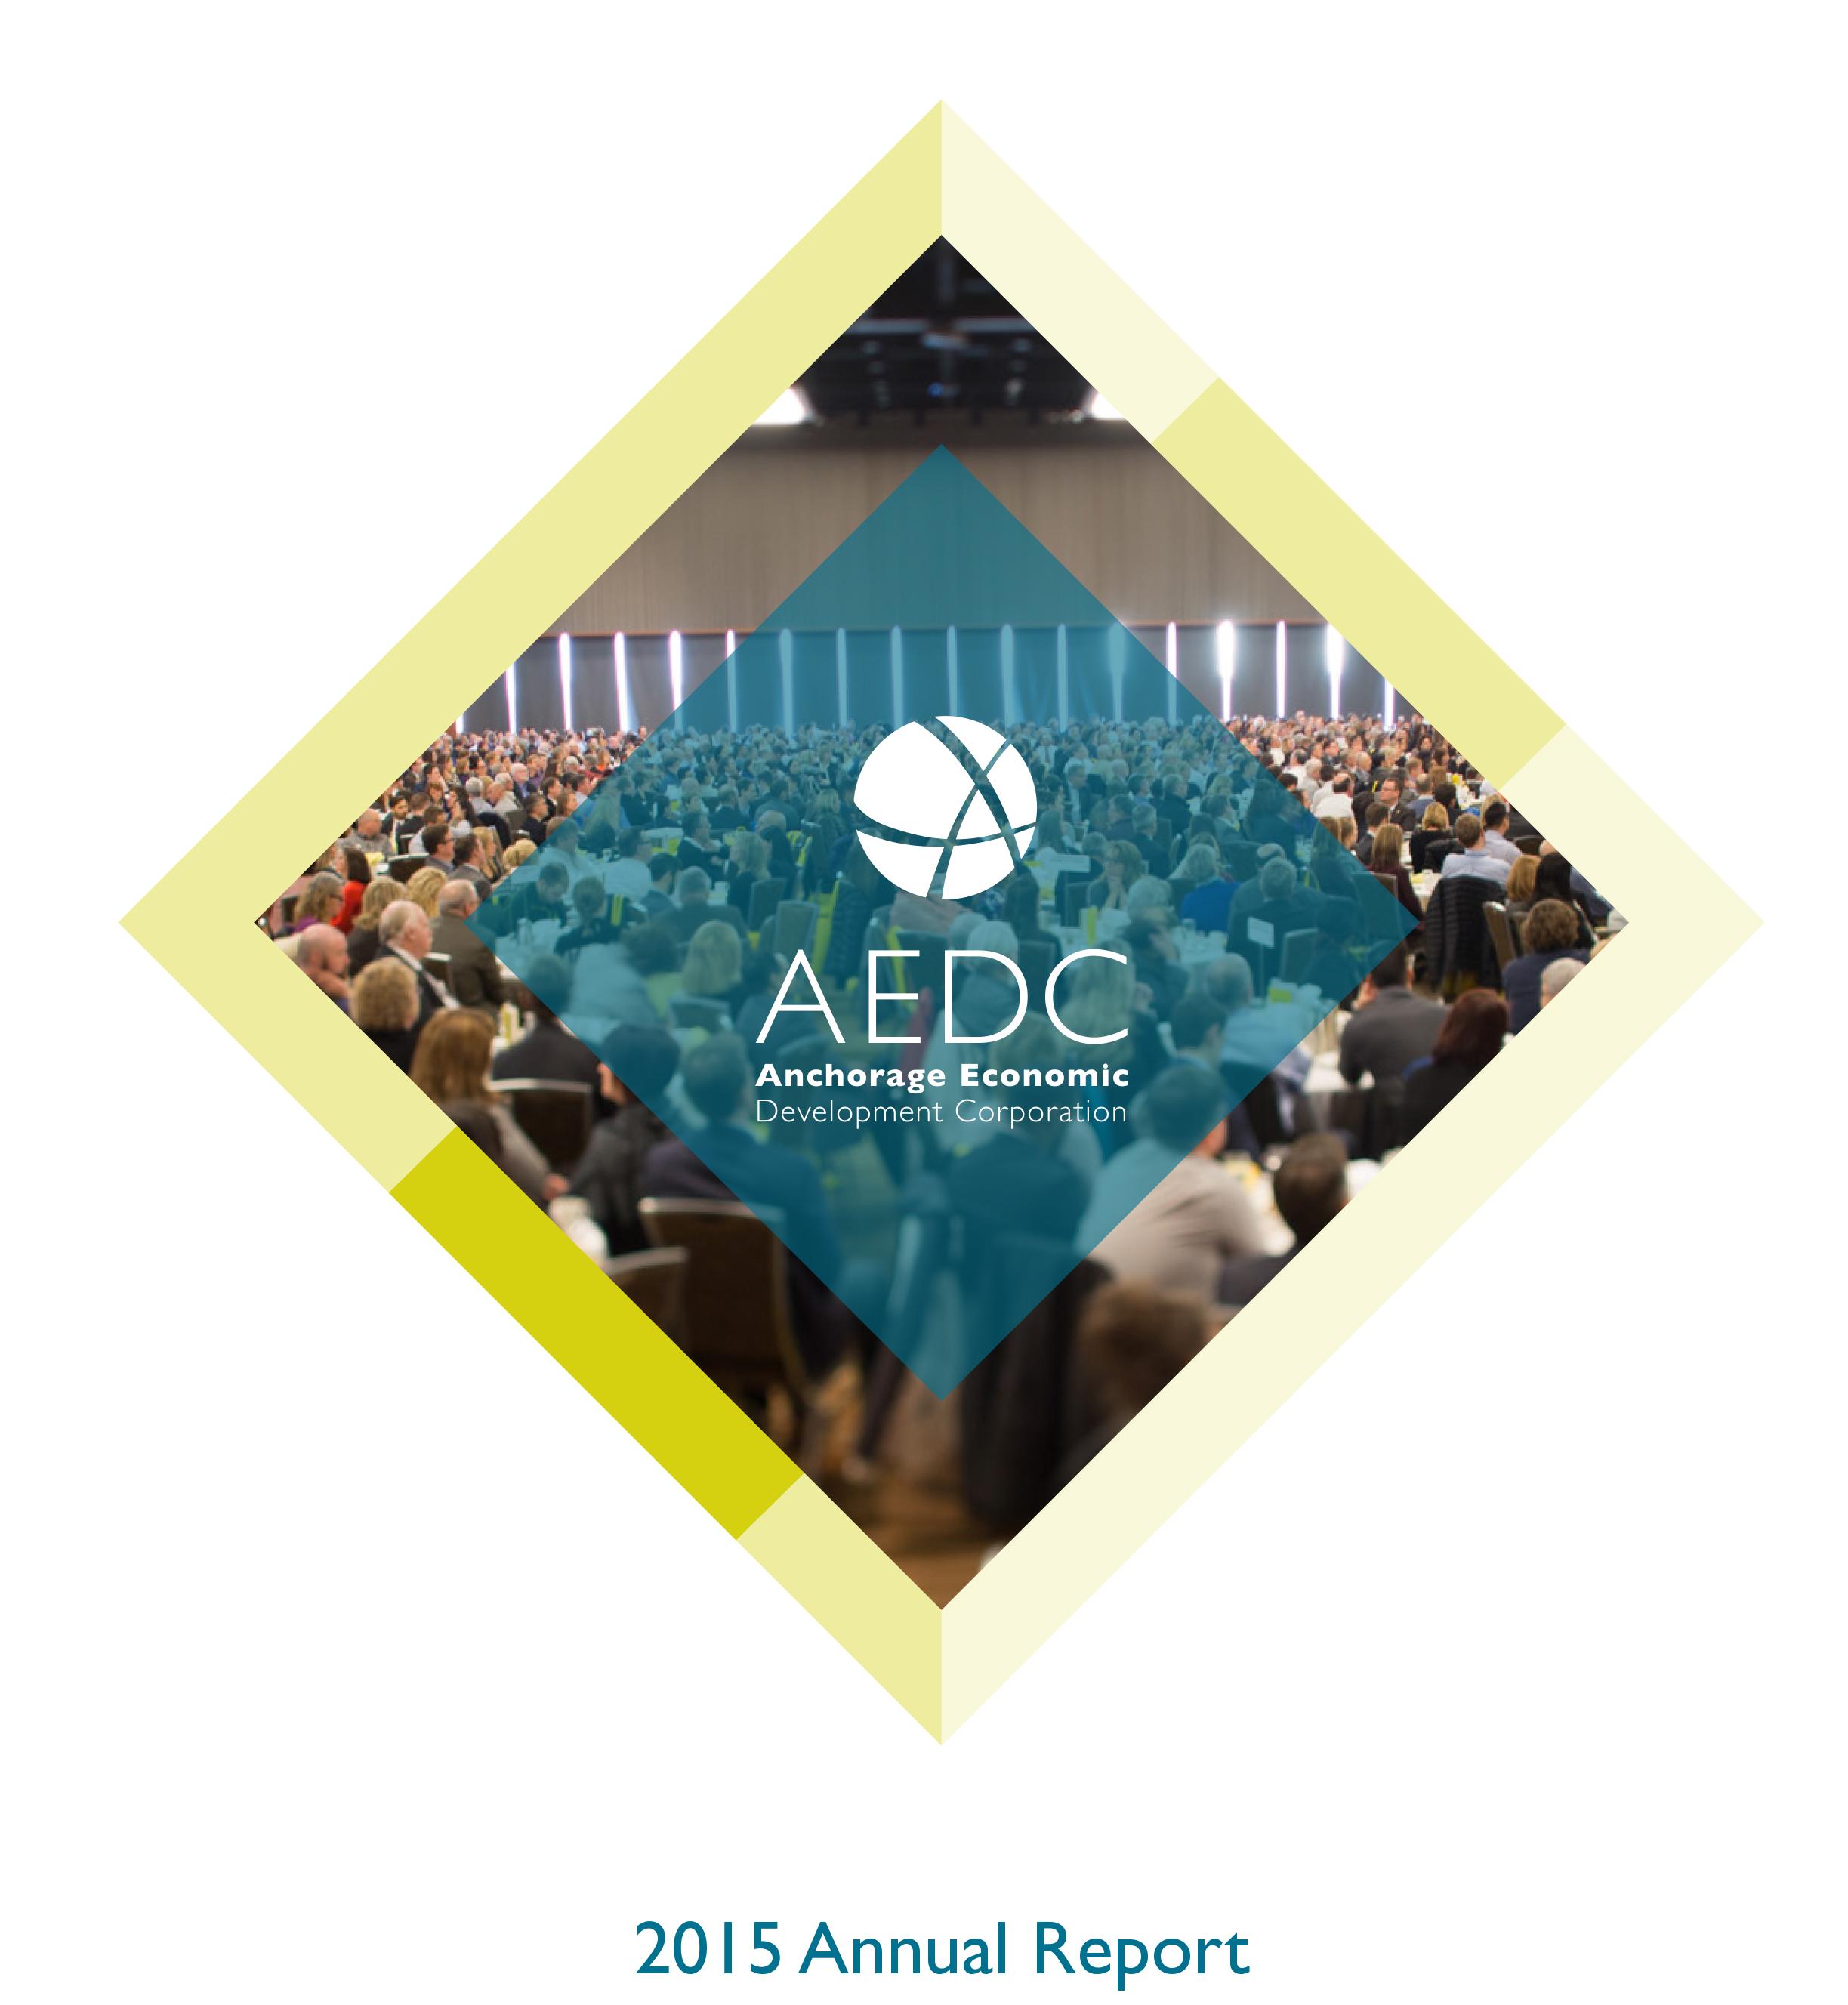 AEDC Annual Report: 2015